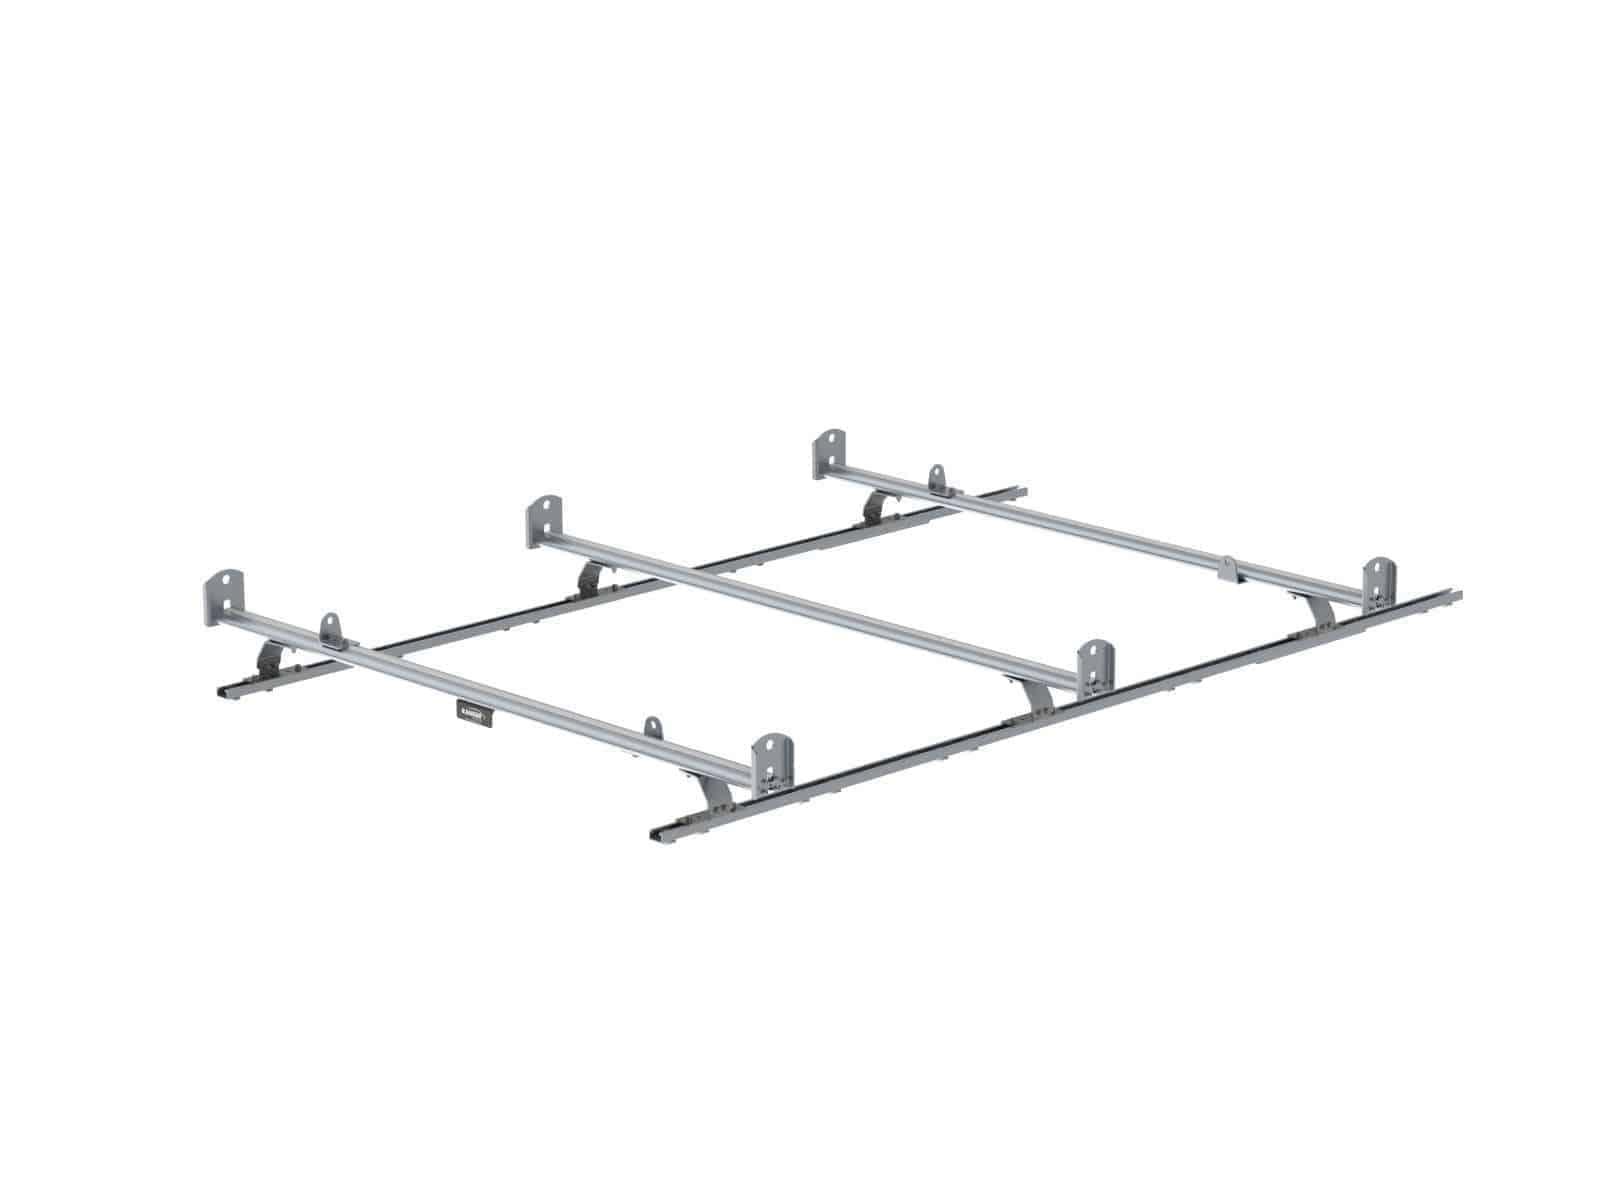 Cargo Rack For Vans 3 Bar System Nissan Nv Lr